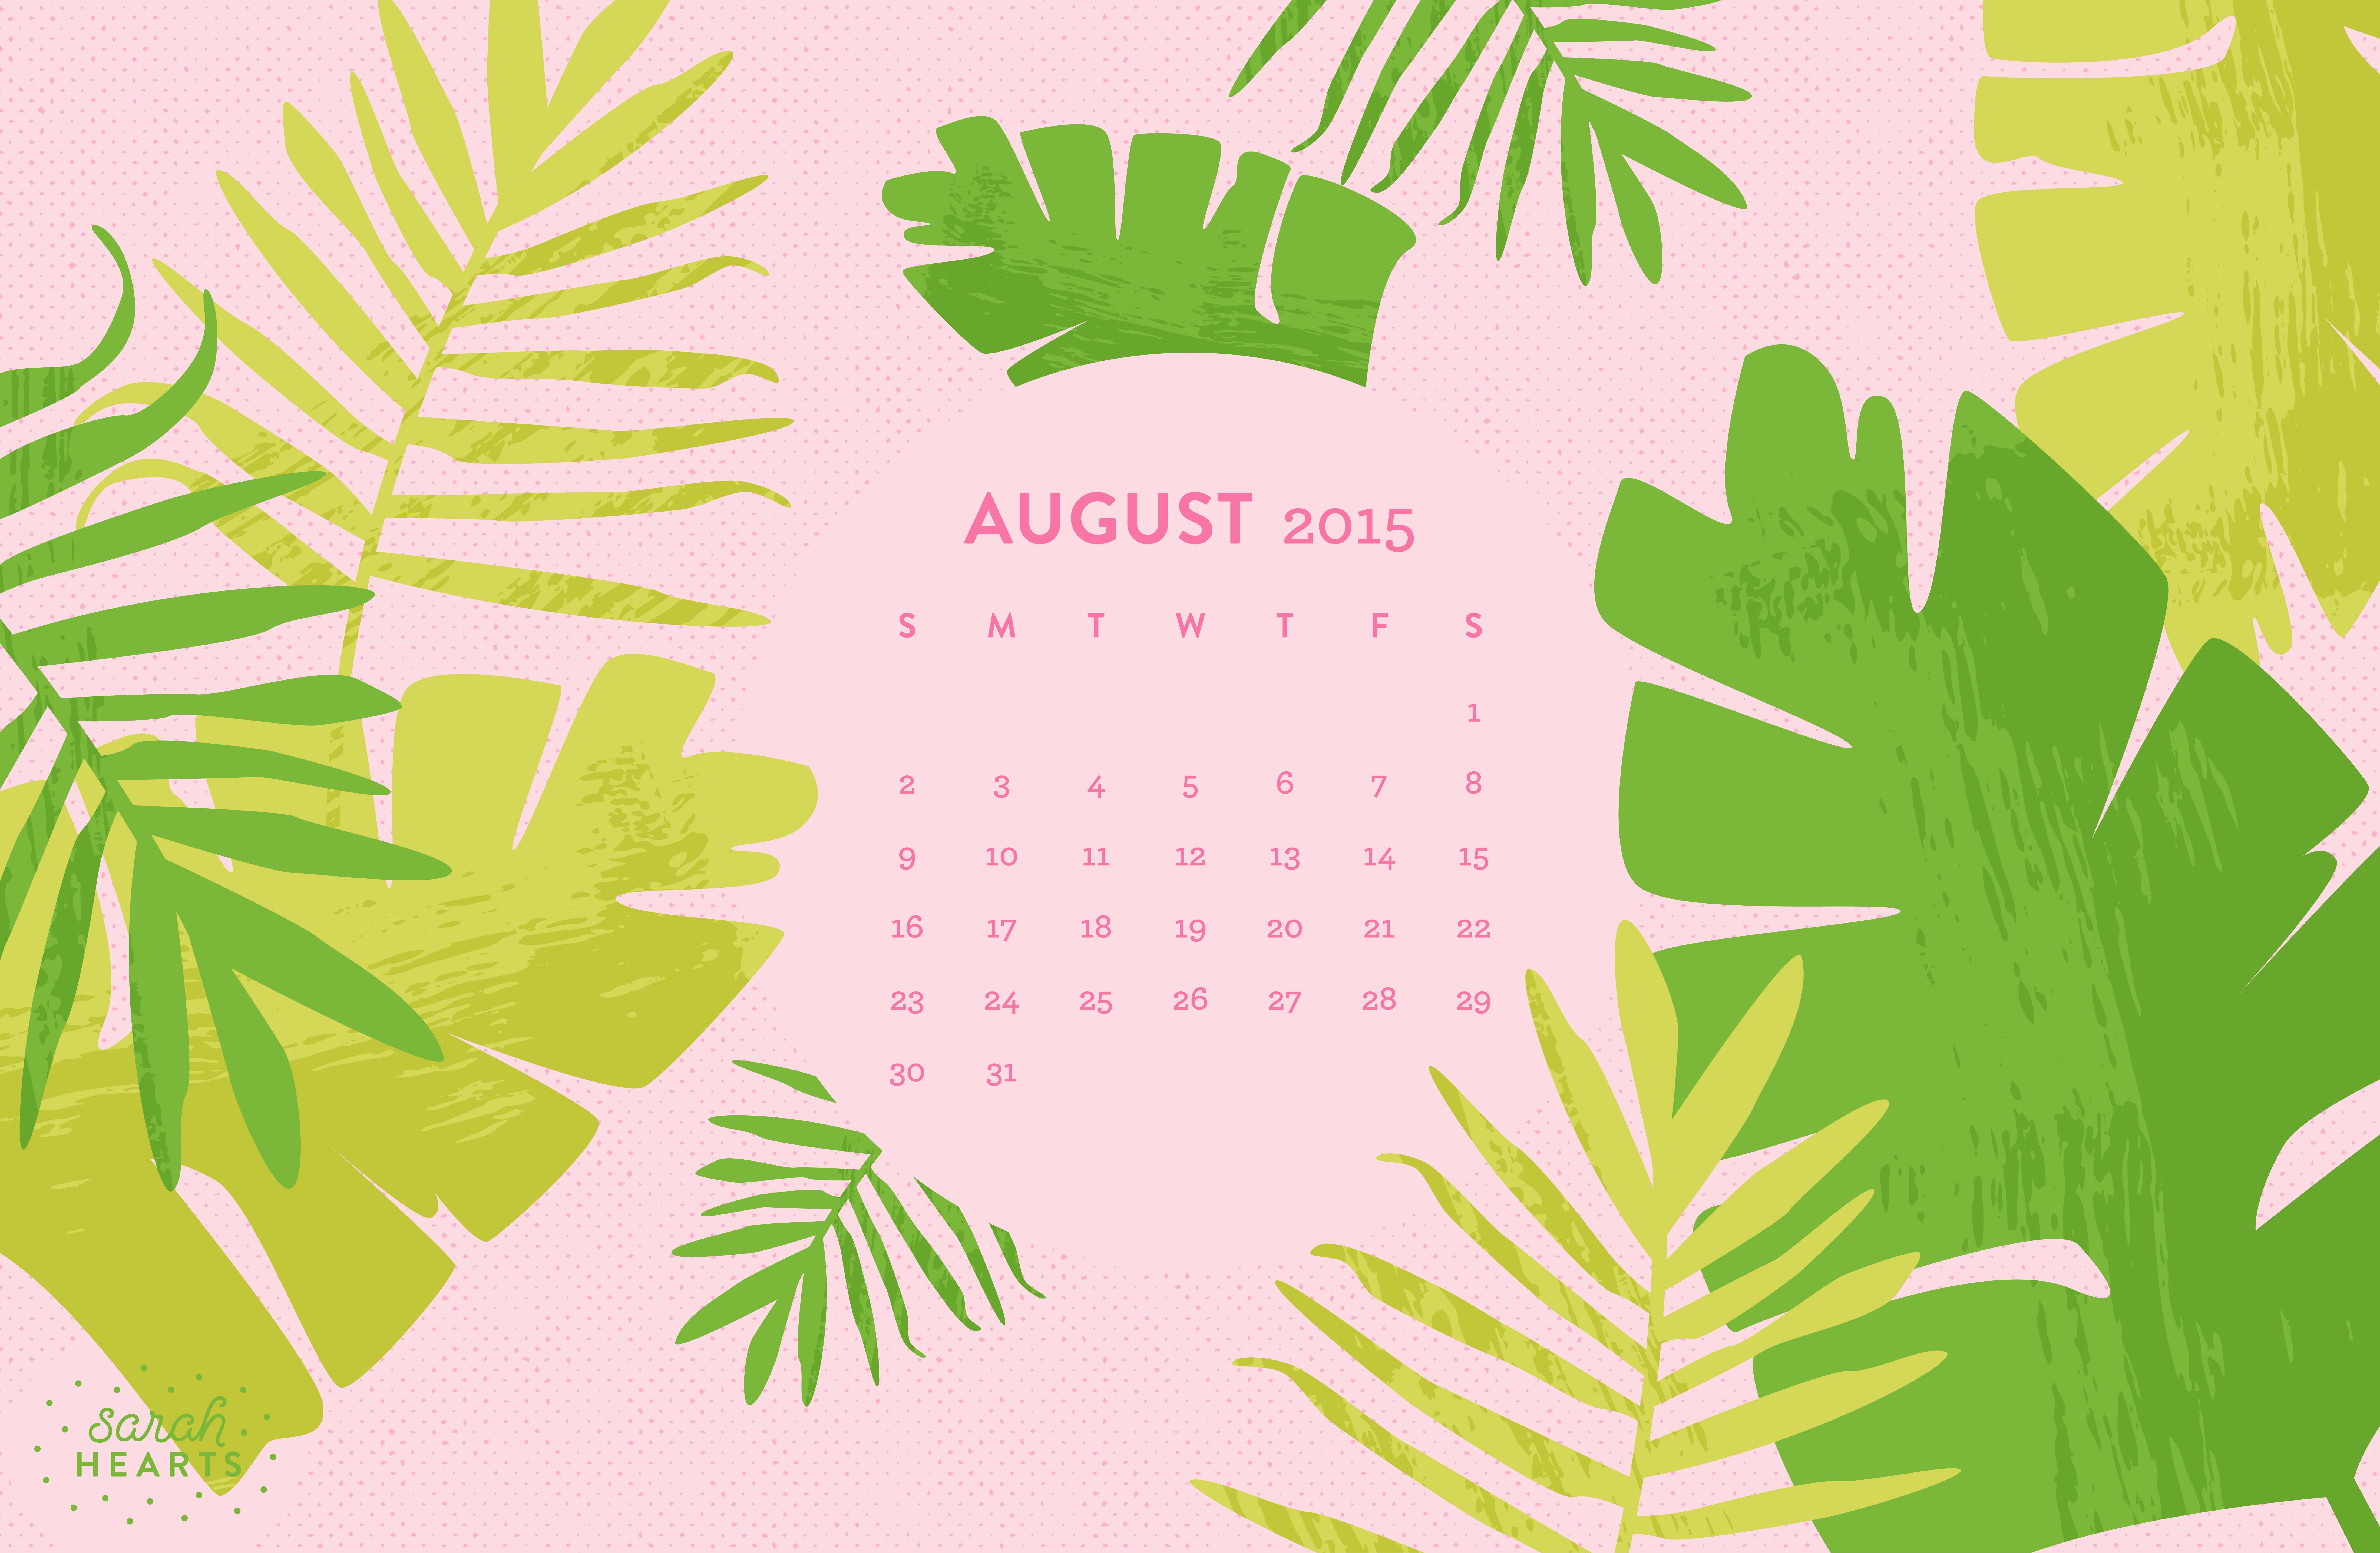 Calendar On Wallpaper Mac : August calendar wallpaper sarah hearts